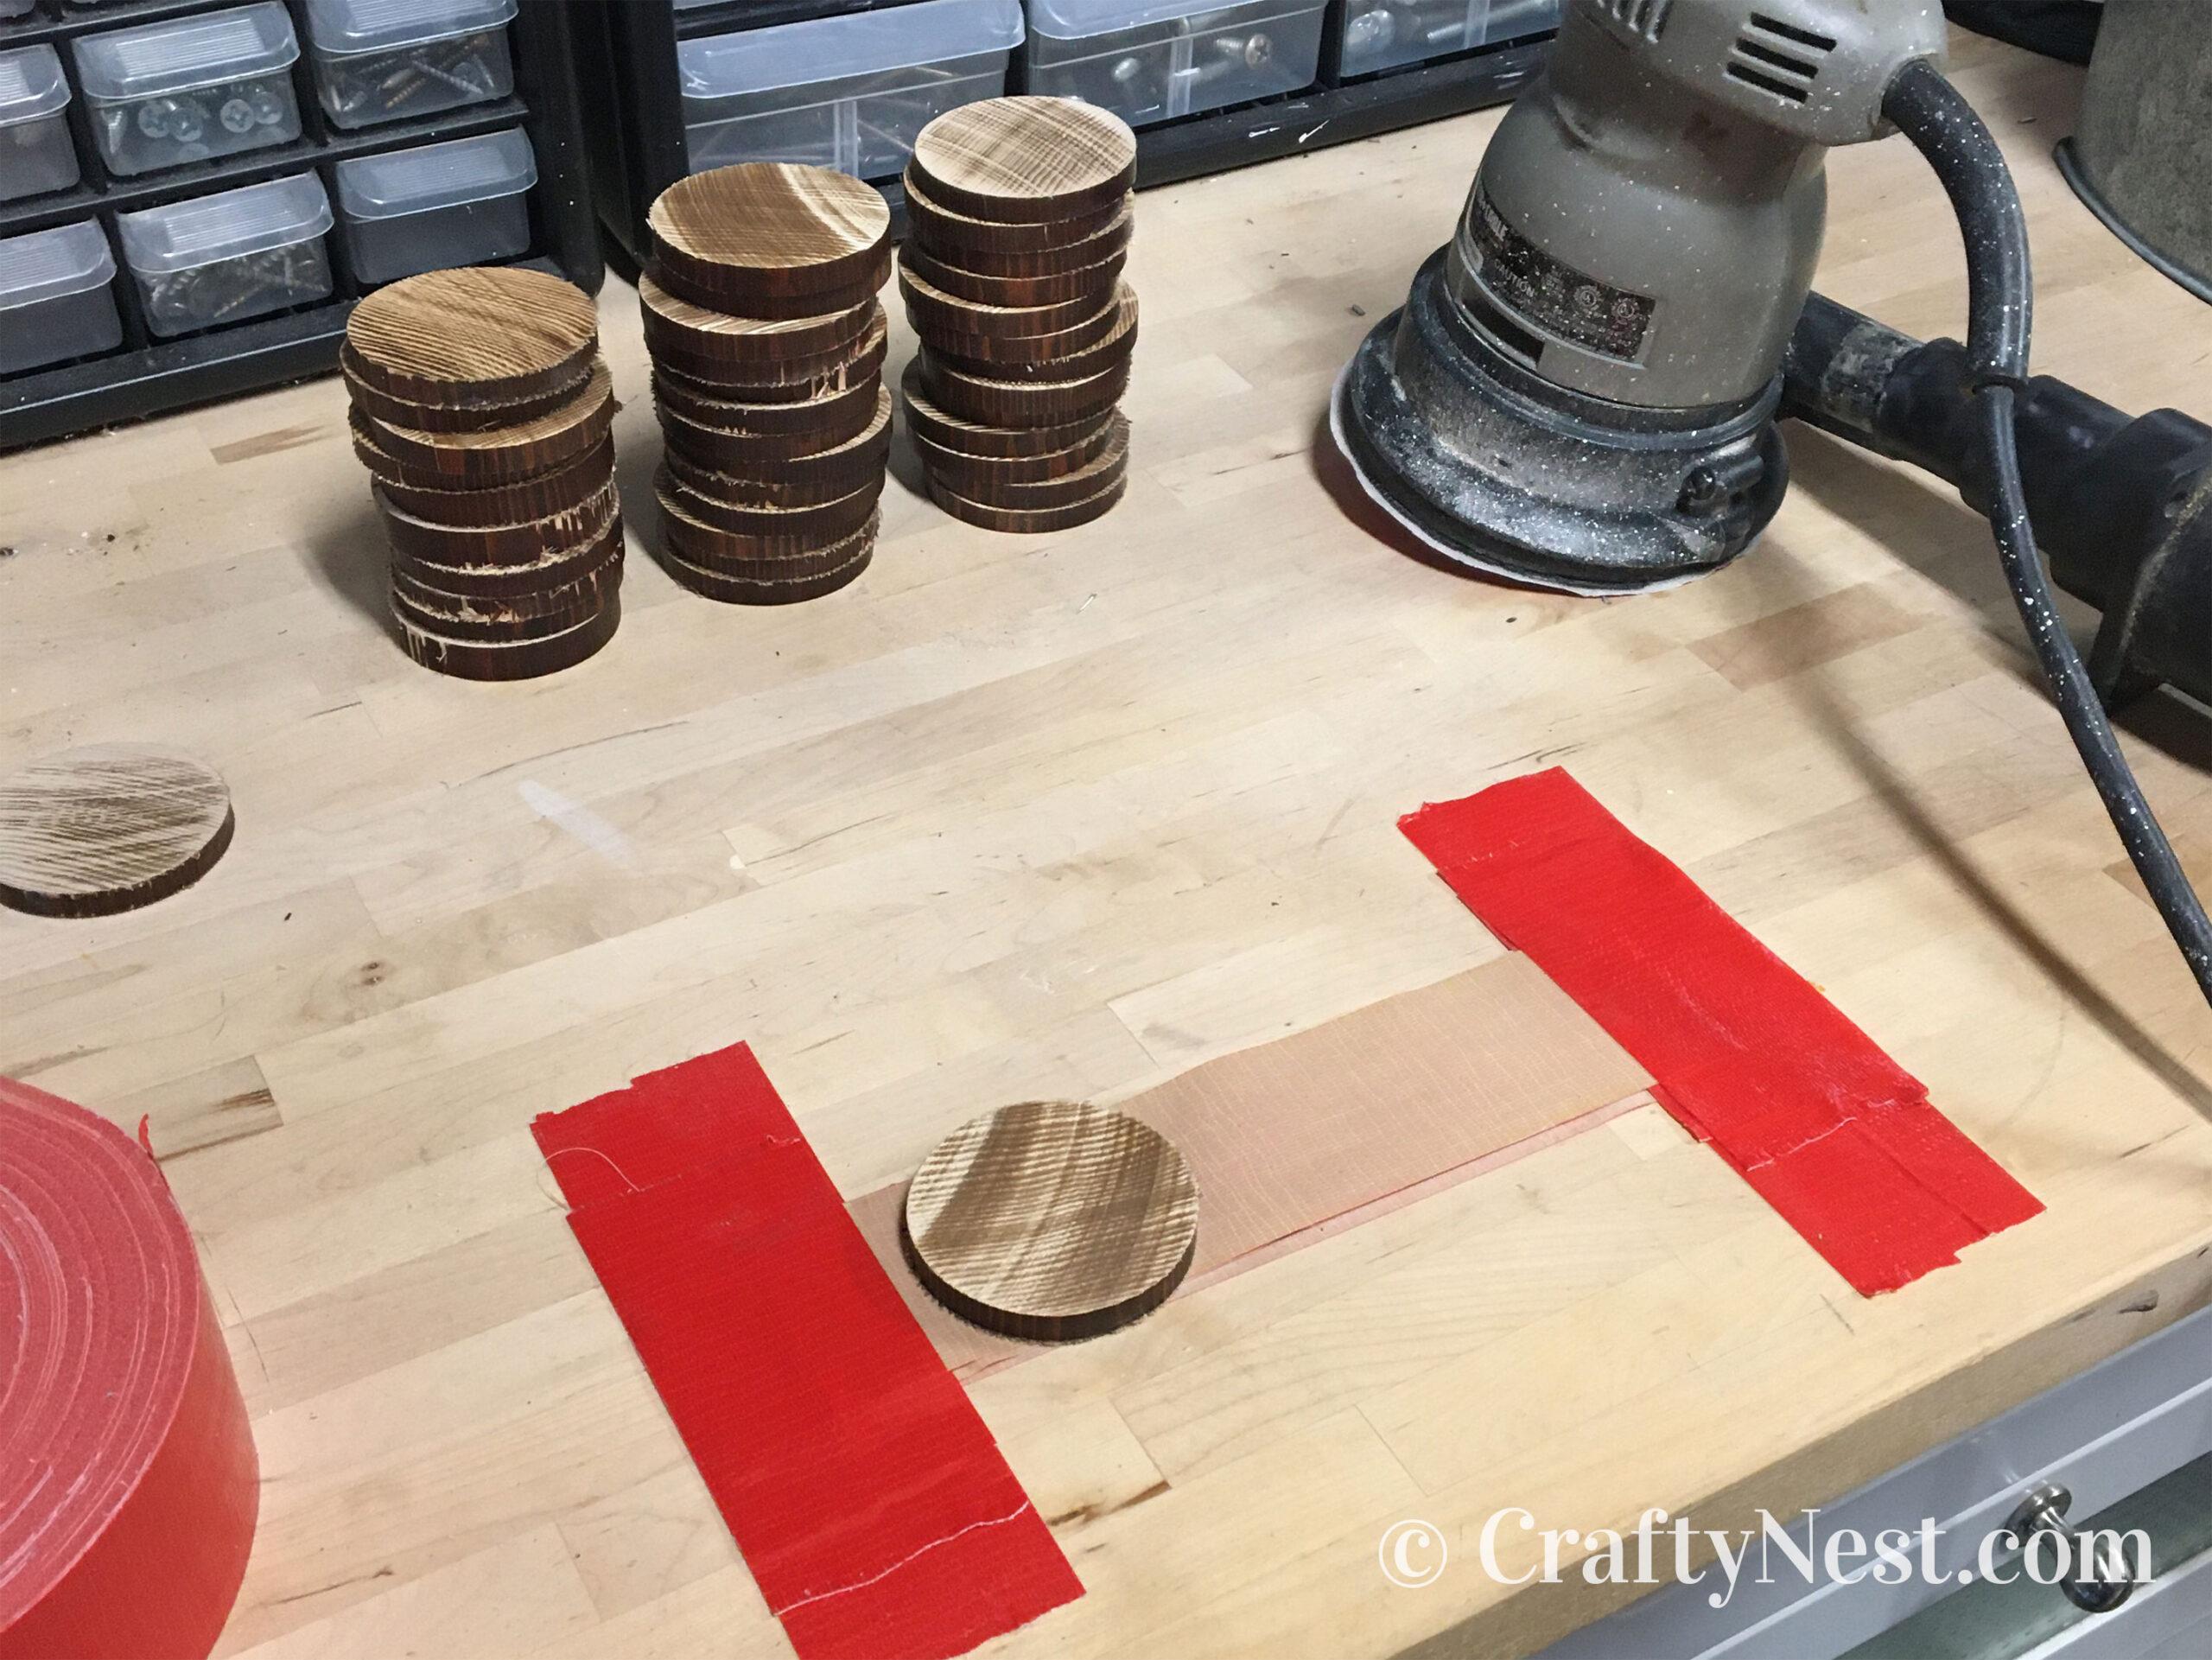 Sanding the dowel slices, photo